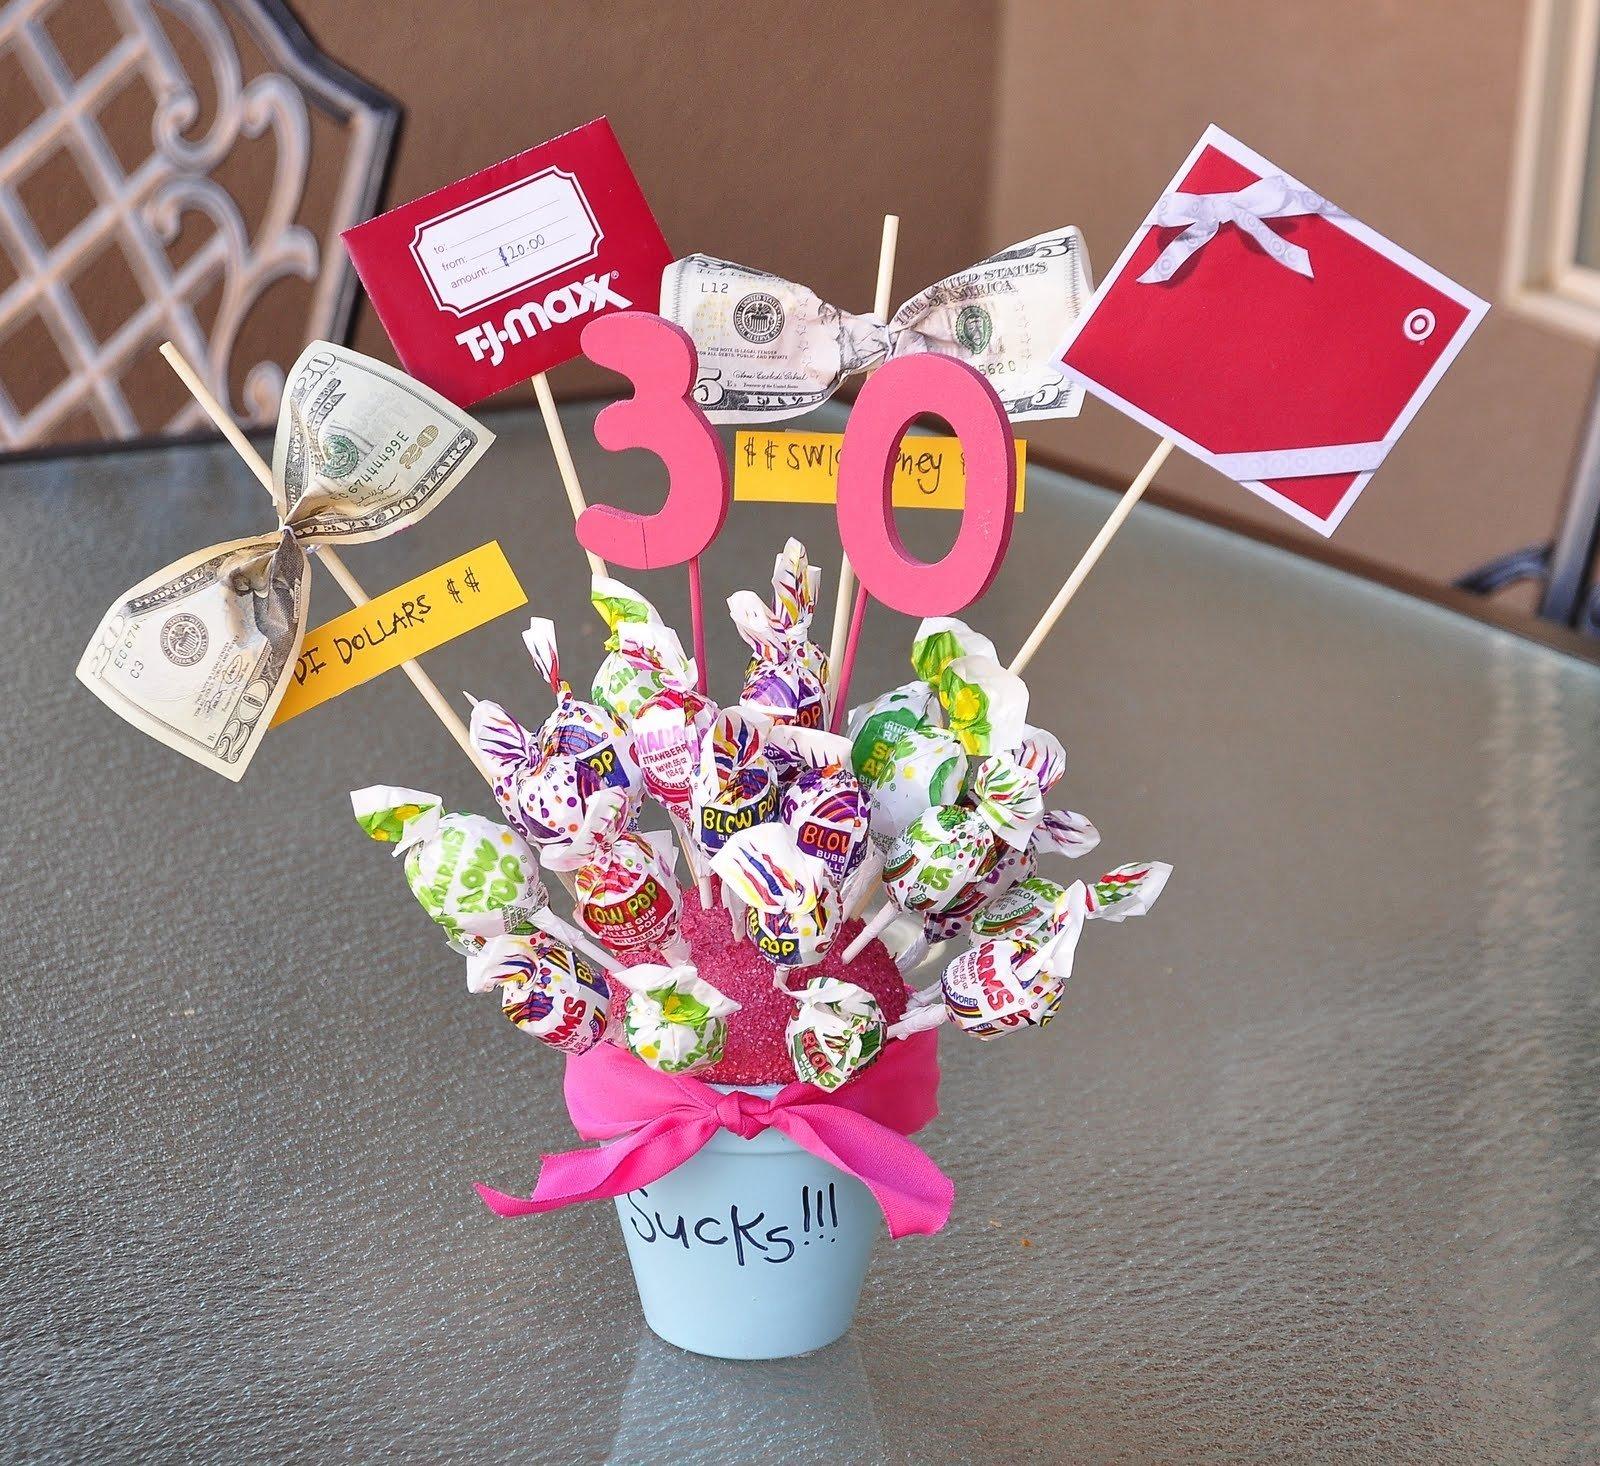 10 Elegant Creative Gift Ideas For Women gift ideas for boyfriend birthday gift ideas for boyfriend turning 30 2020